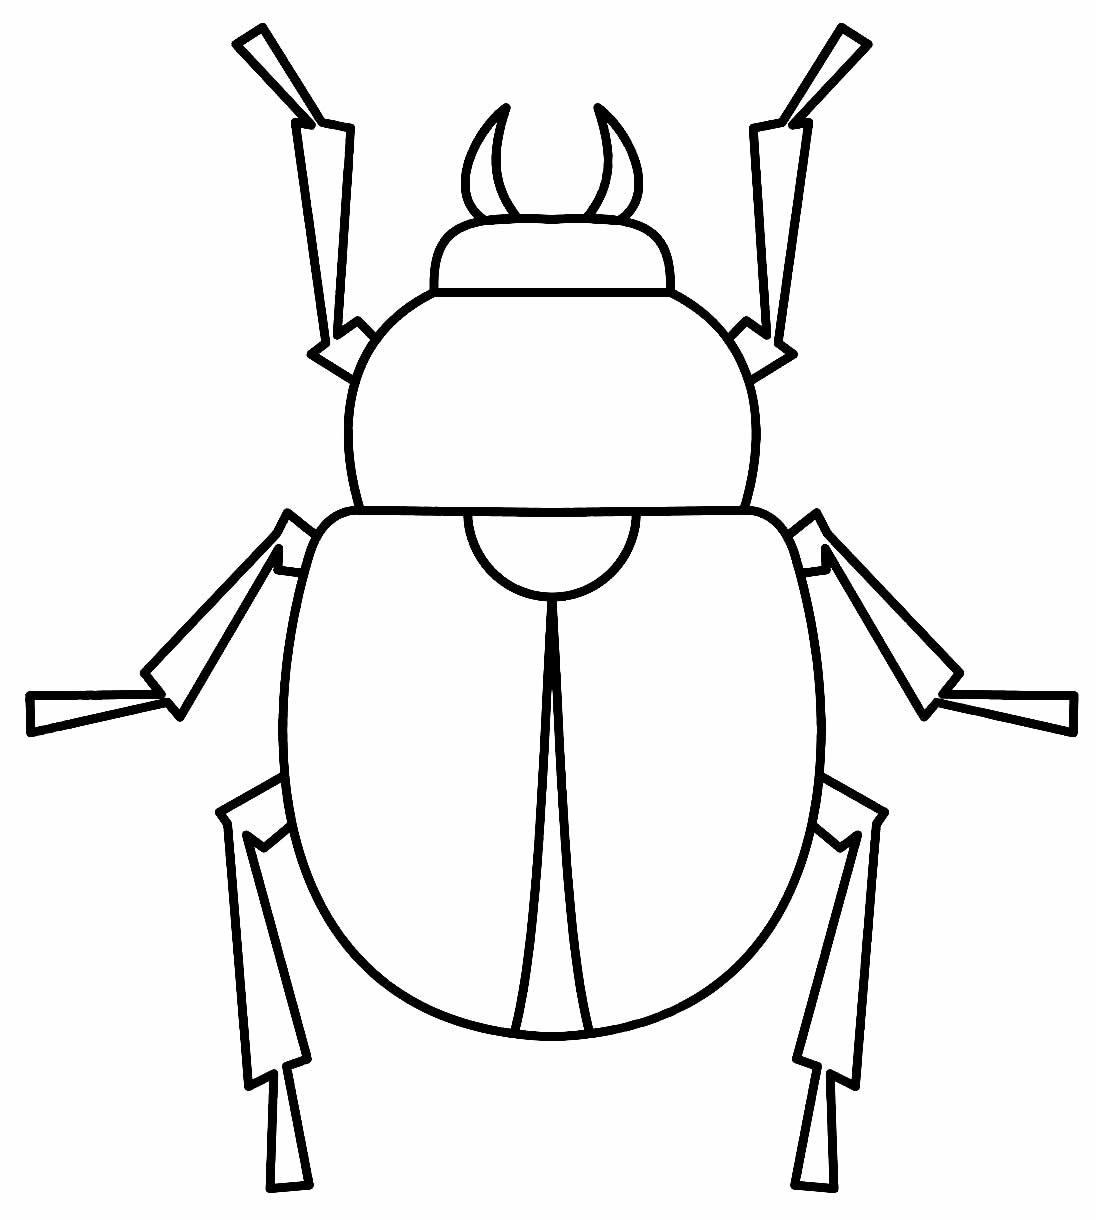 Desenho de inseto para pintar e colorir